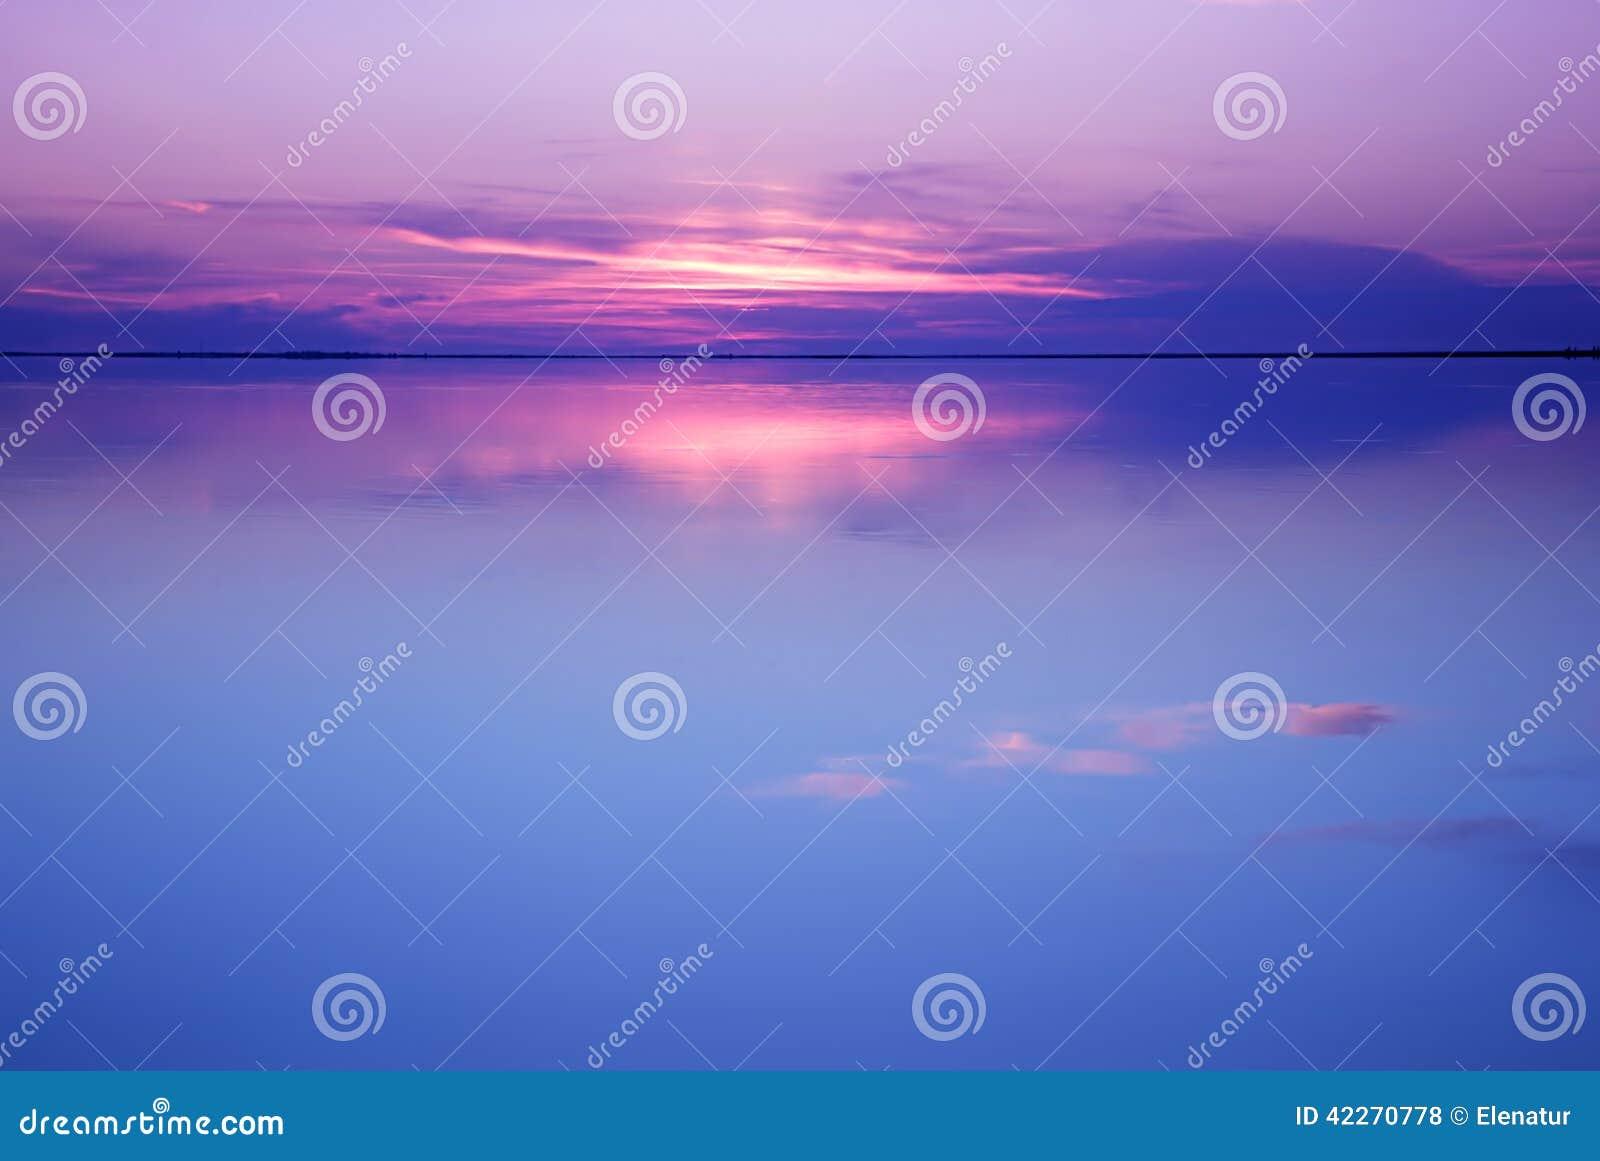 Rustig landschap in blauwe en roze kleuren